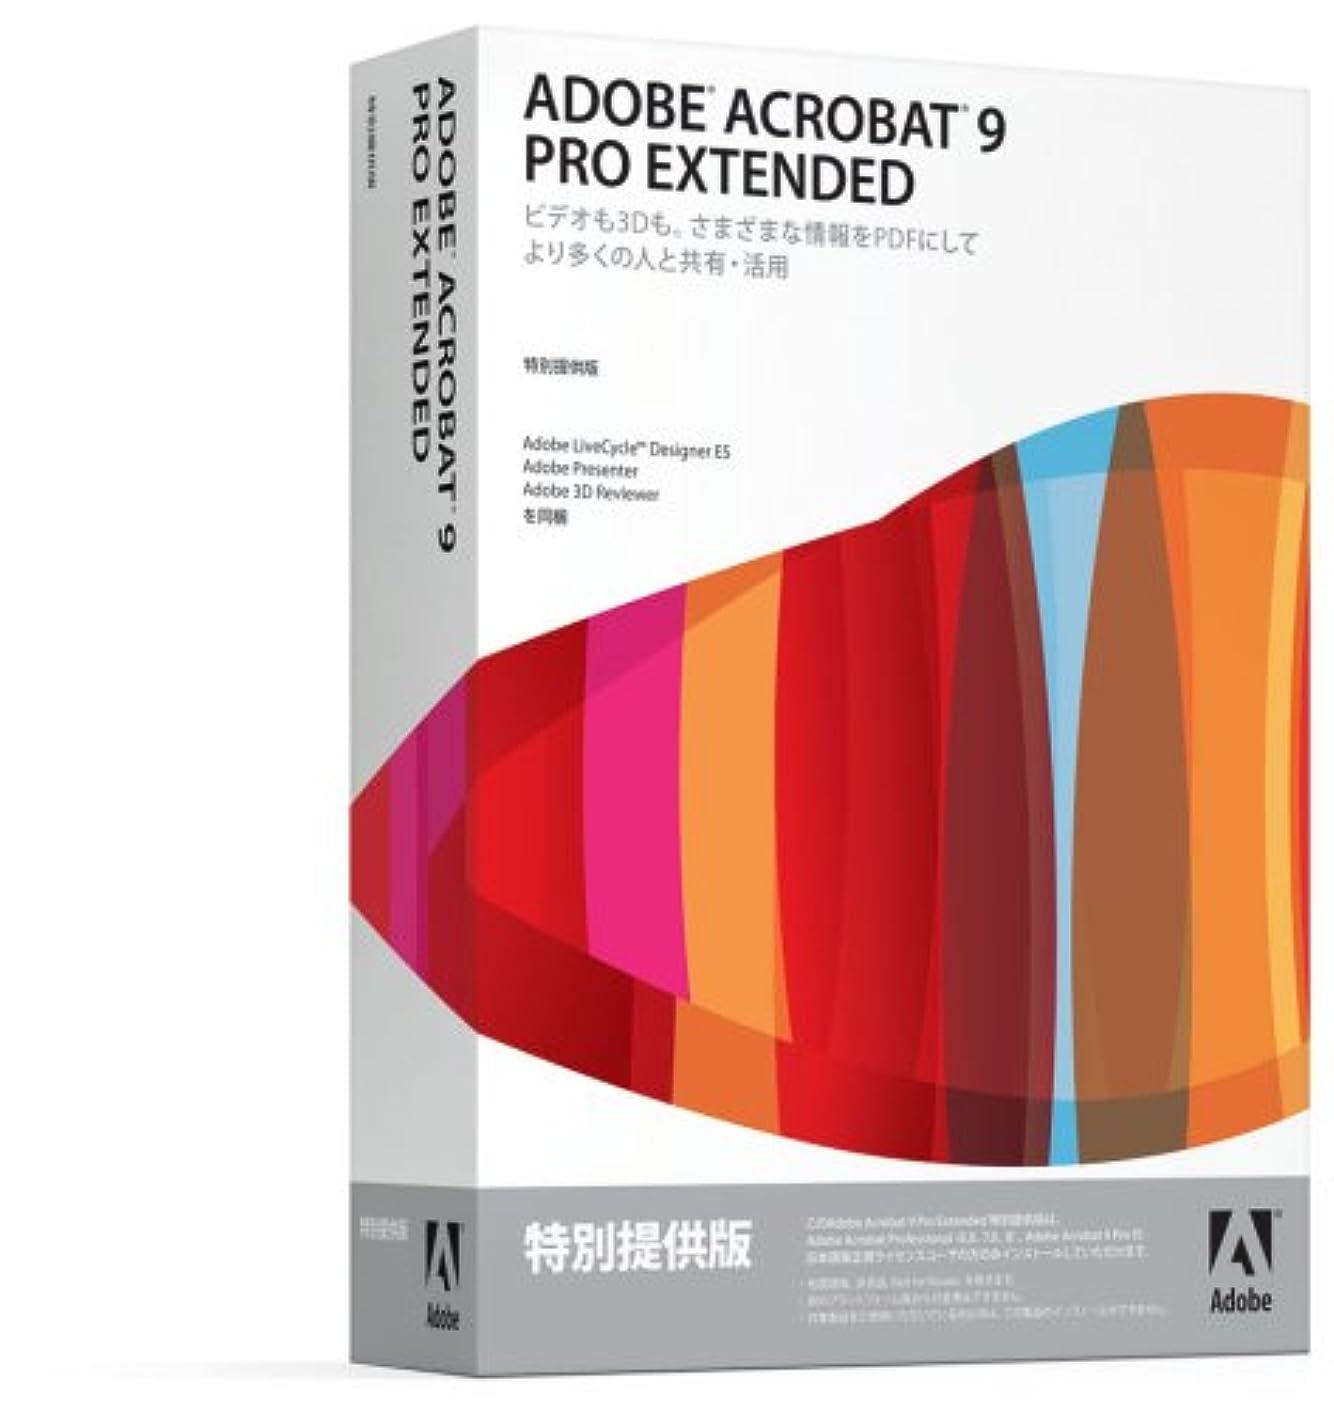 ぼろパーティションラリーベルモントAdobe Acrobat 9 Pro Extended 日本語版 アップグレード版 特別提供版 (PRO-Ex) Windows版